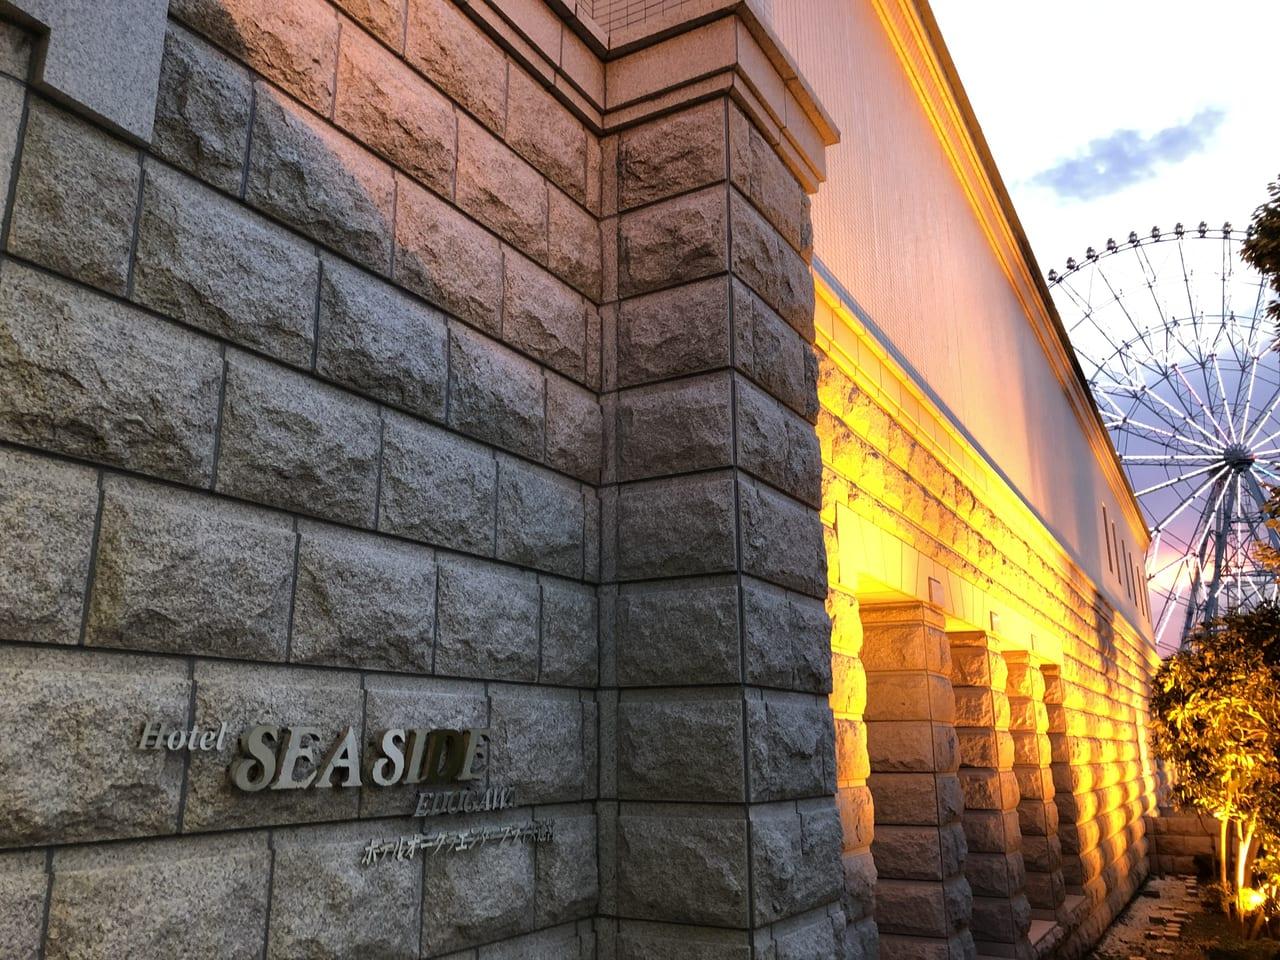 【江戸川区】龍馬像もお目見え?!葛西臨海公園ホテルシーサイド×高知でフェア開催中です。